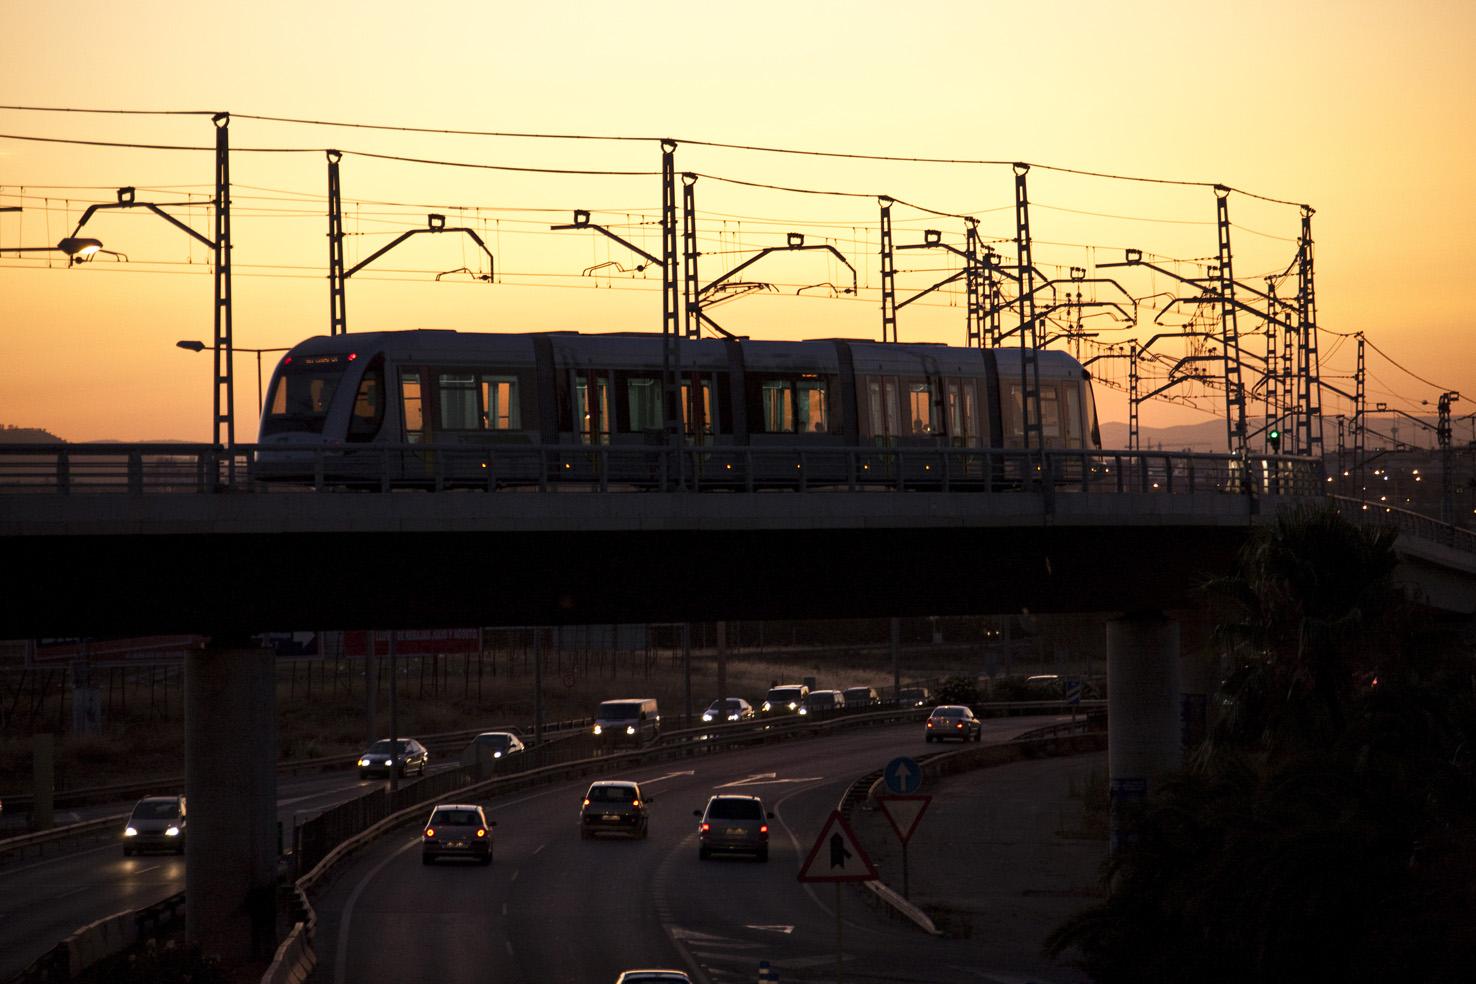 Este tramo suponía la conexión de la Línea 1 del Metro de Sevilla con el núcleo urbano de Dos Hermanas